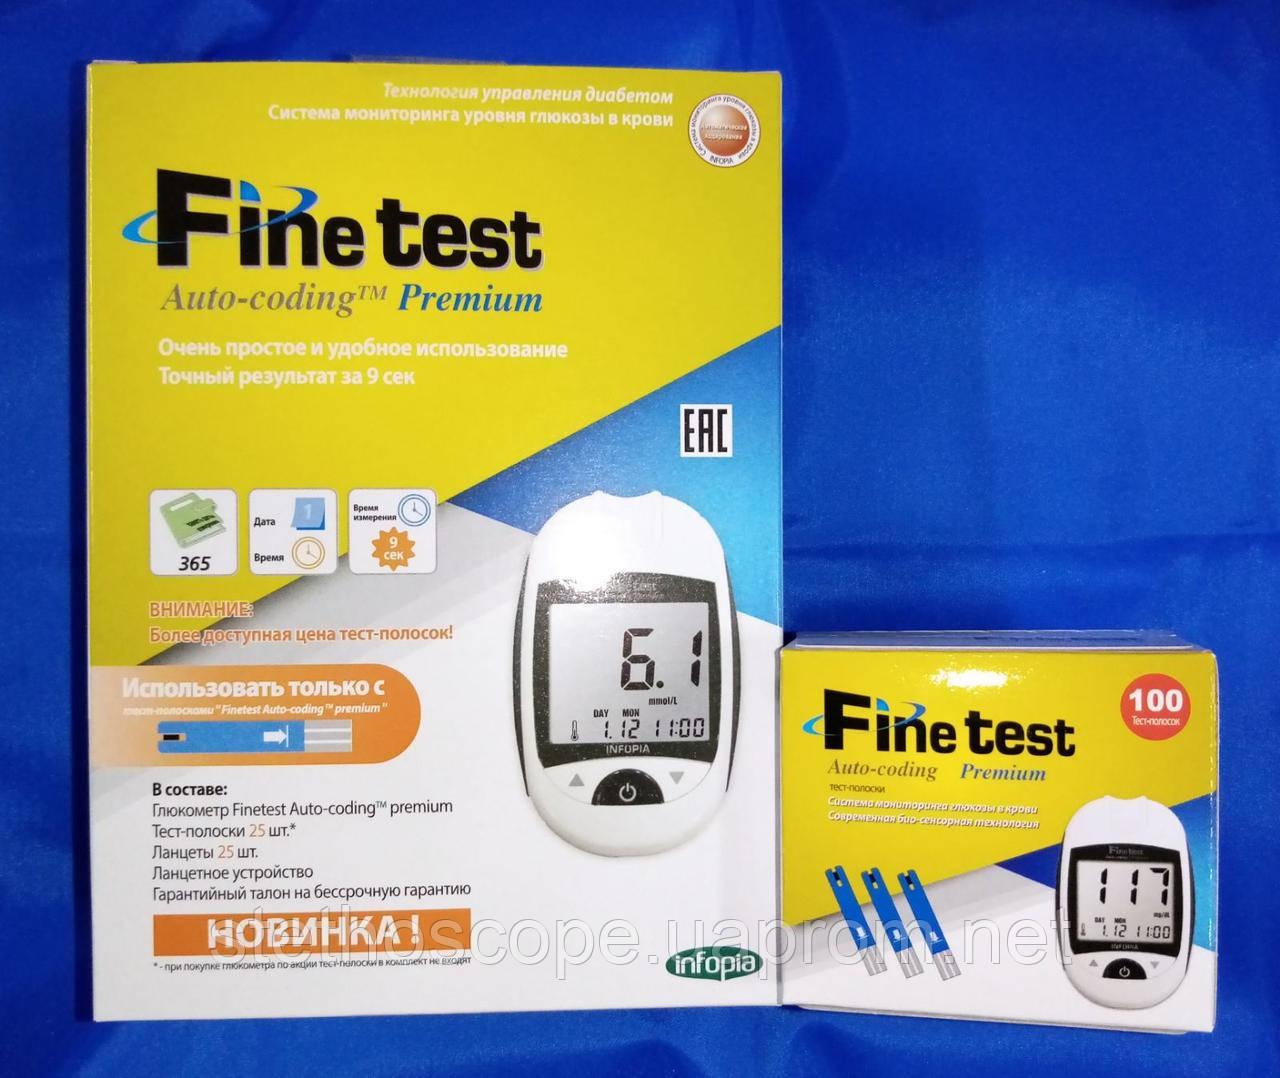 Глюкометр Finetest Auto-coding Premium + 100 тест-полосок (без ручки прокалывателя февраль 2021 г.)